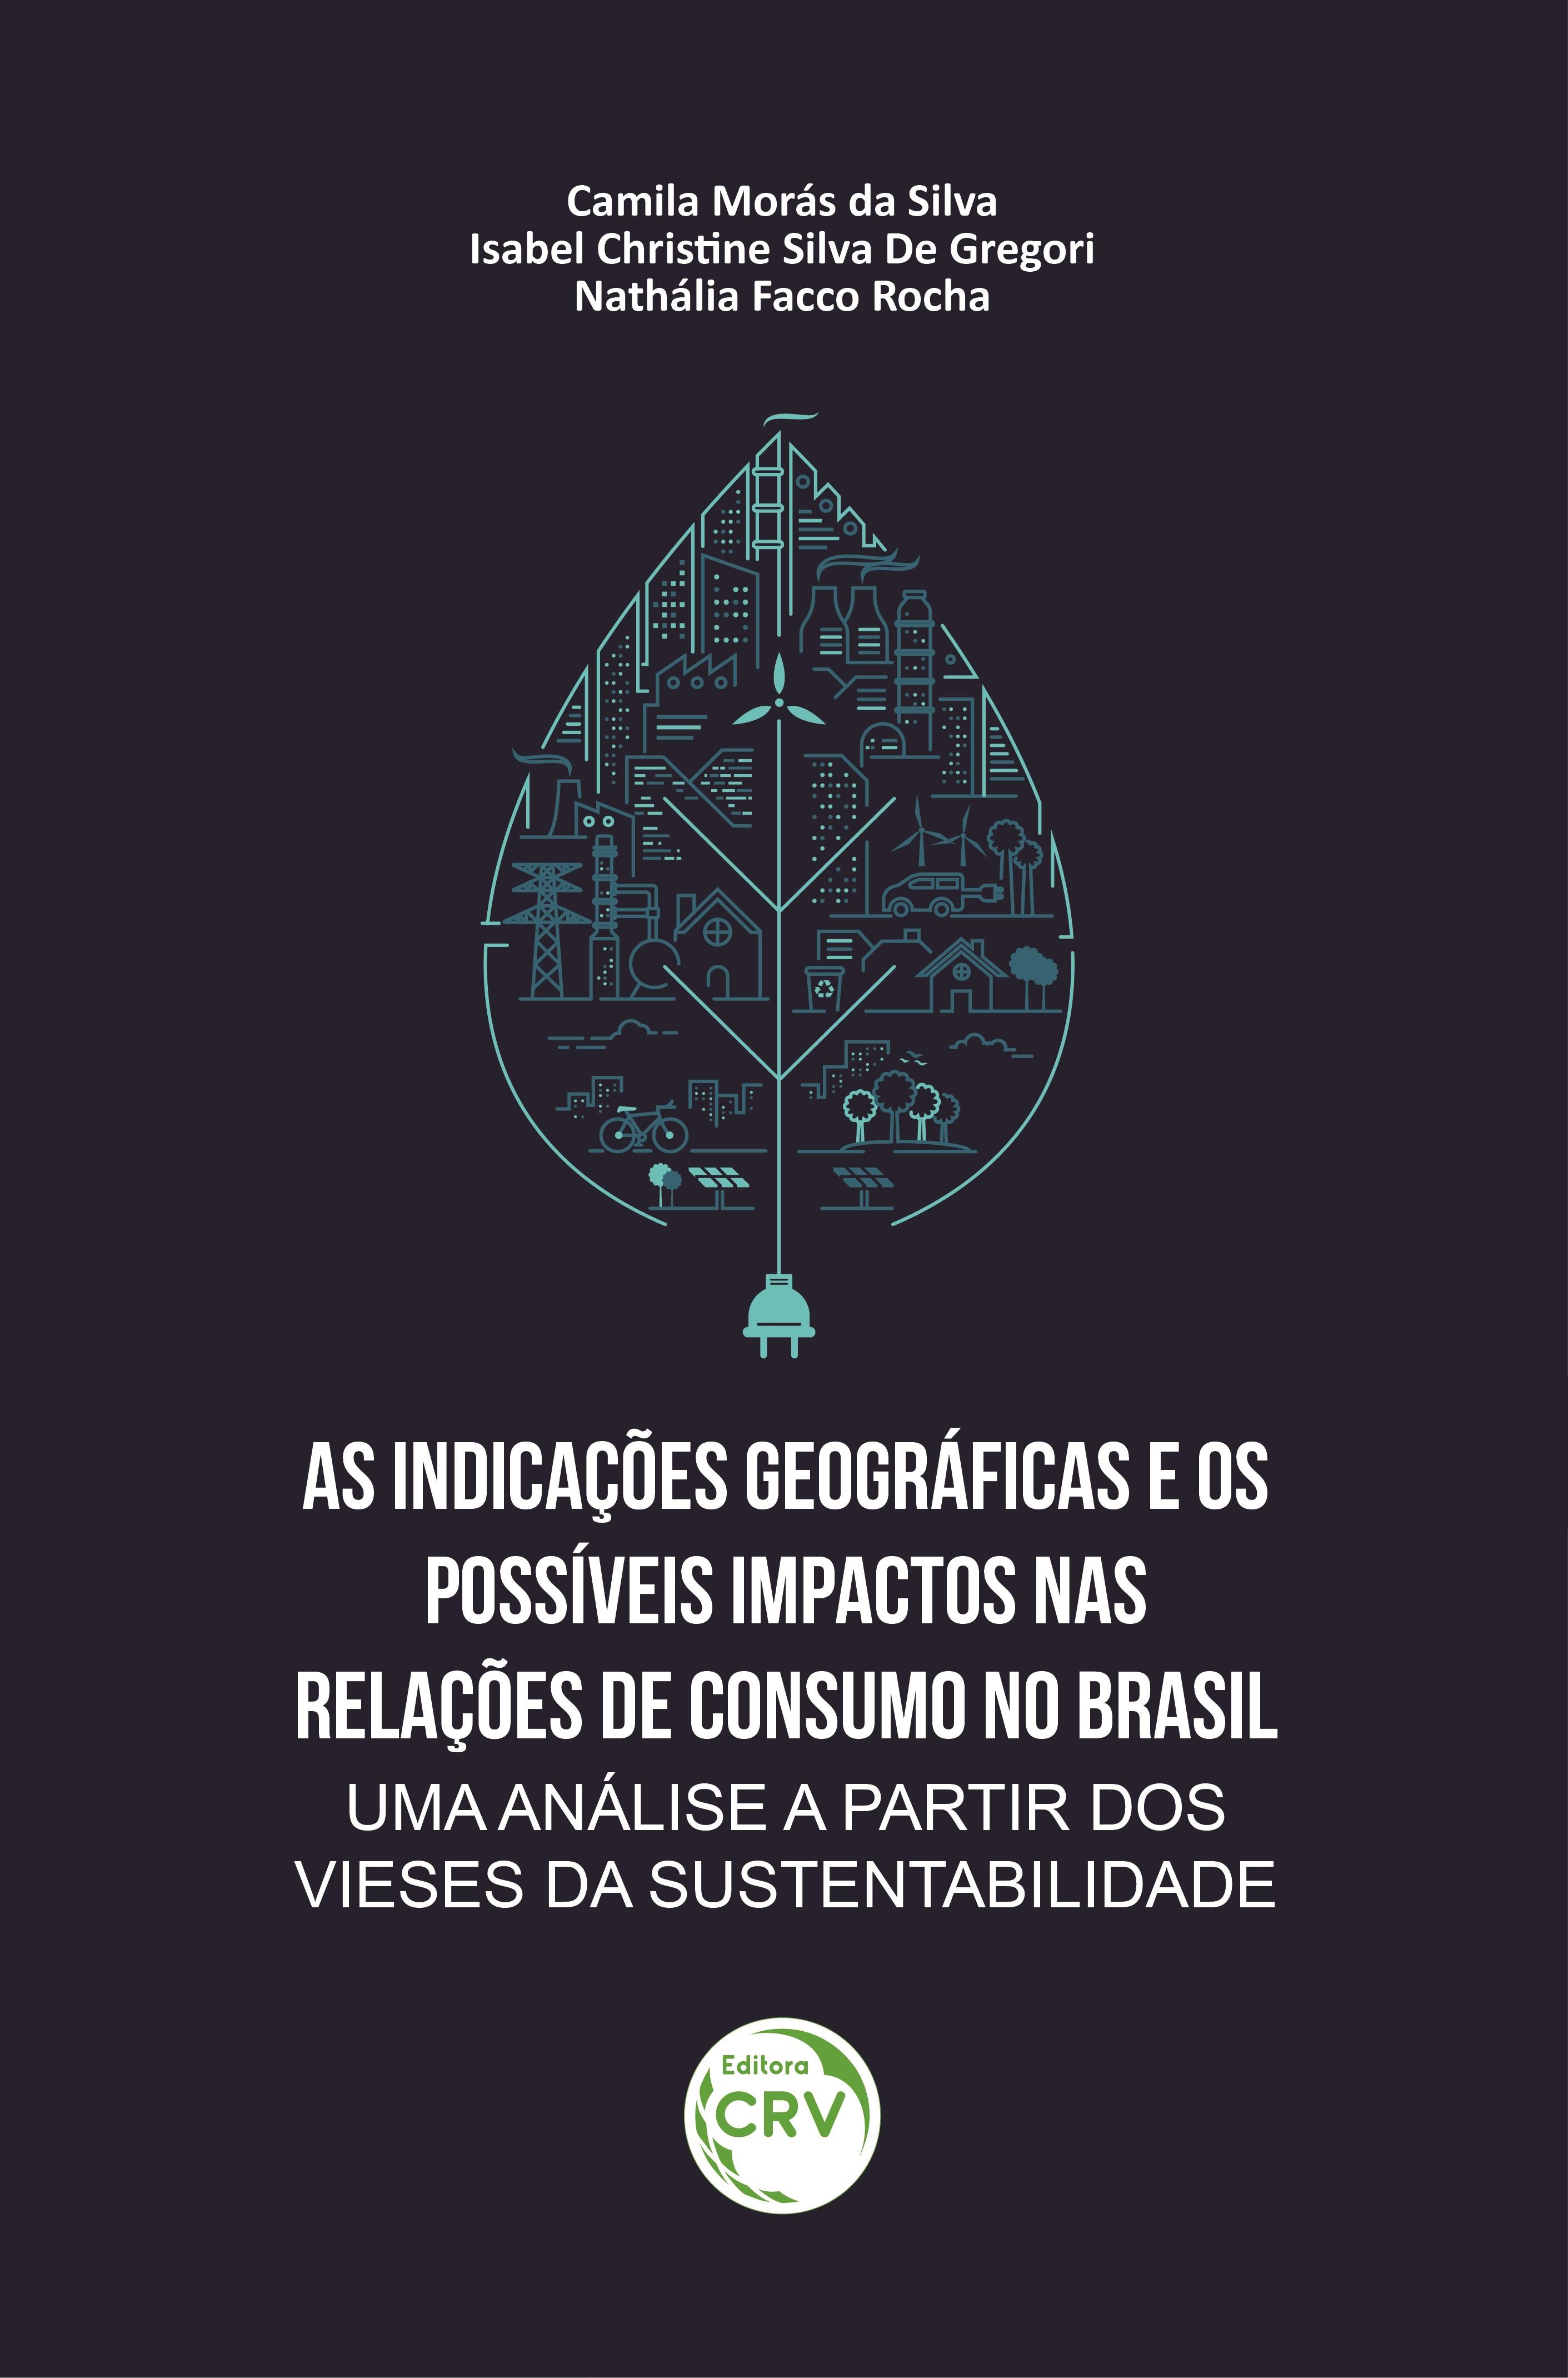 Capa do livro: AS INDICAÇÕES GEOGRÁFICAS E OS POSSÍVEIS IMPACTOS NAS RELAÇÕES DE CONSUMO NO BRASIL: <br>uma análise a partir dos vieses da sustentabilidade